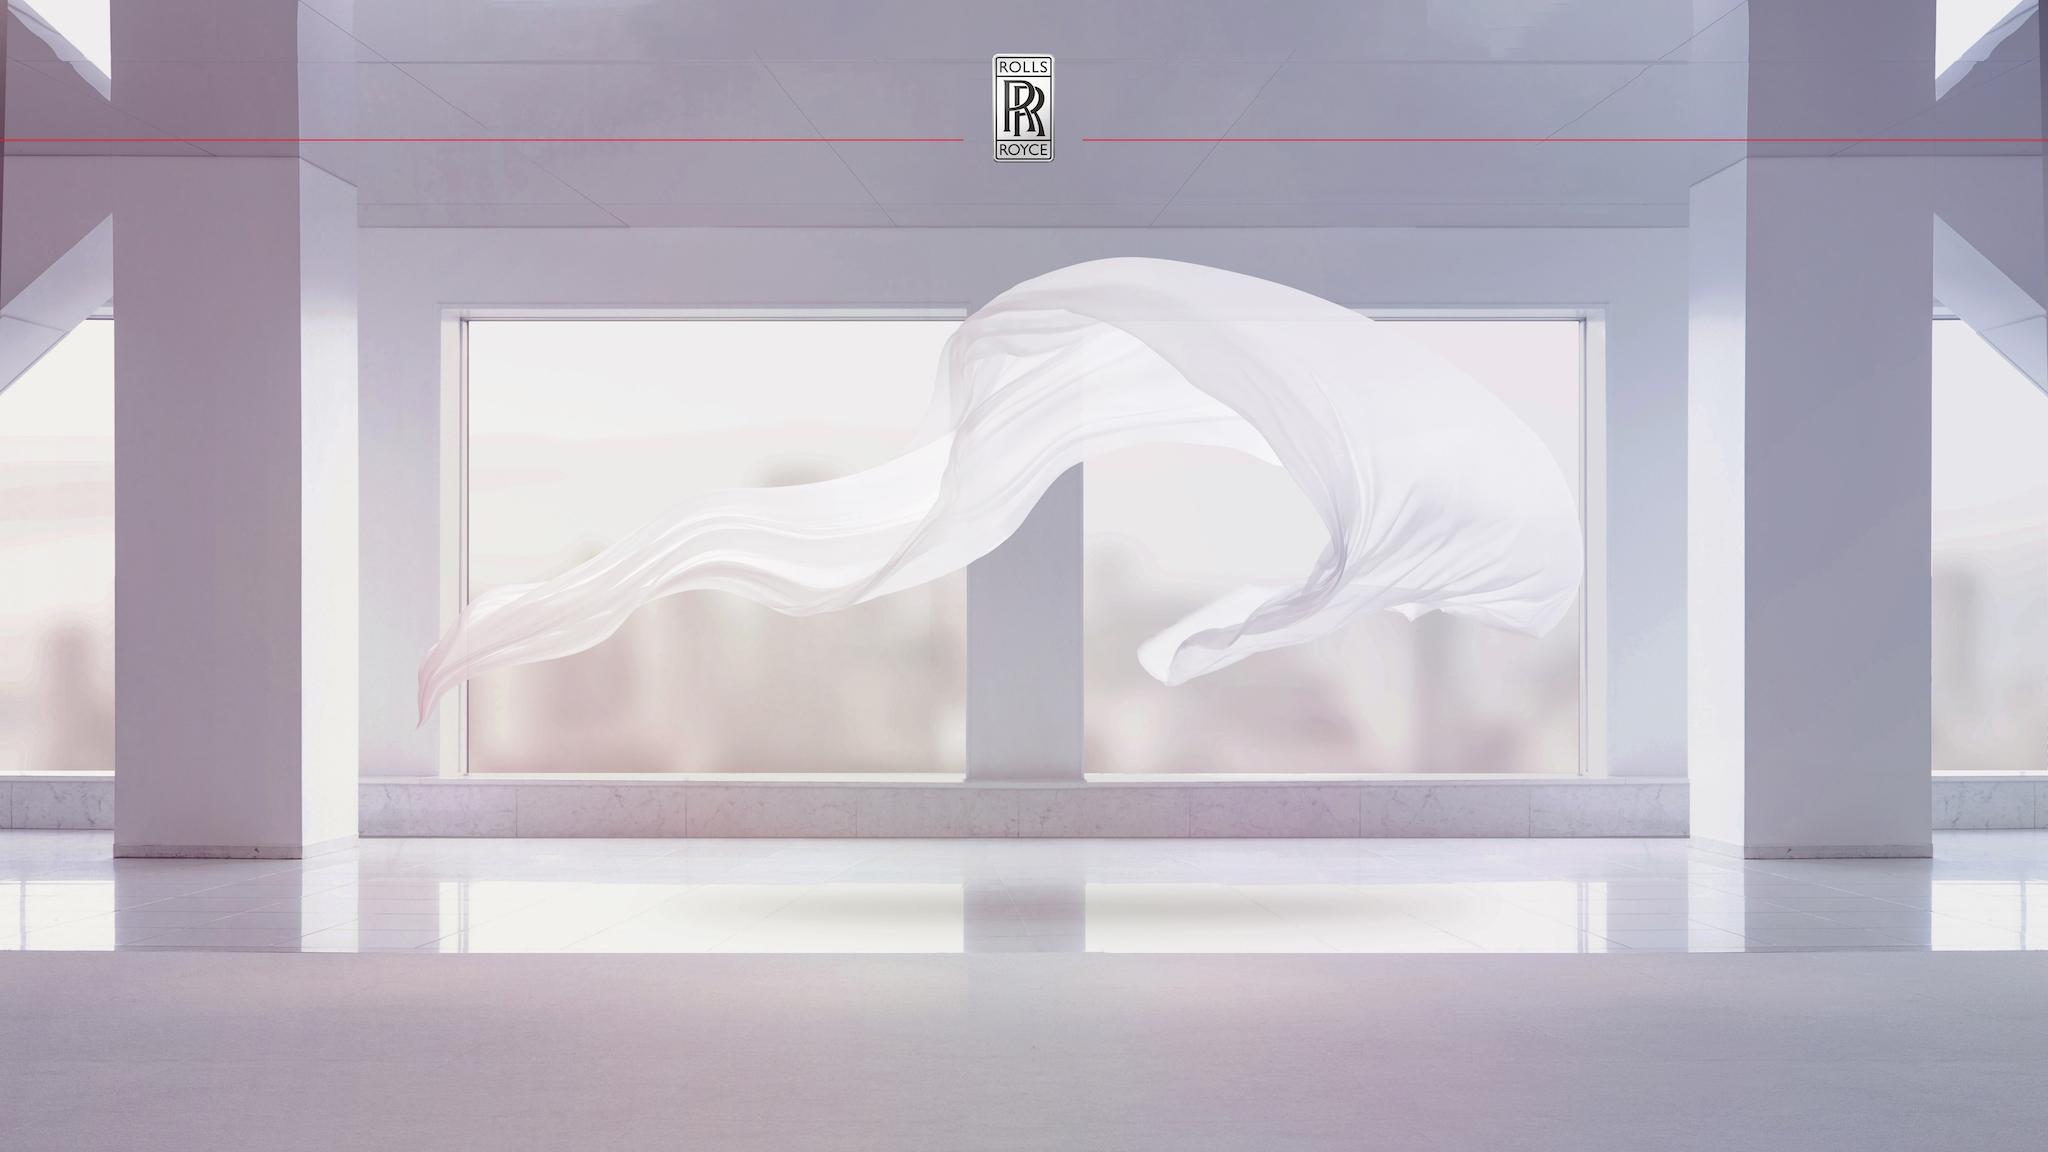 新世代 Rolls-Royce Ghost 給你更乾淨的空氣,將於第三季亮相